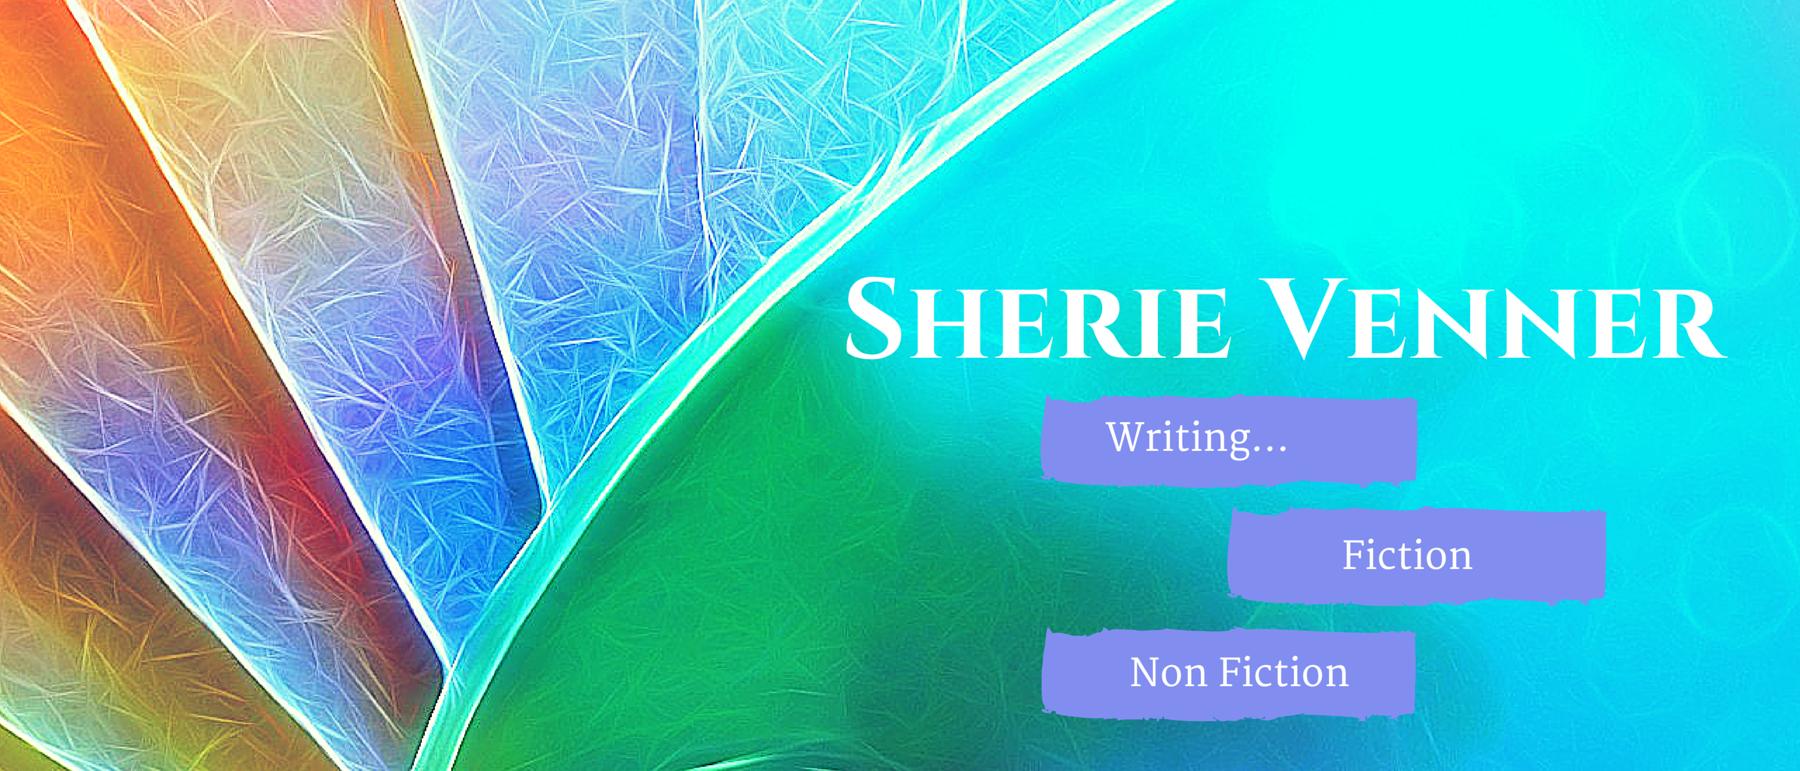 Sherie Venner | Writer header image